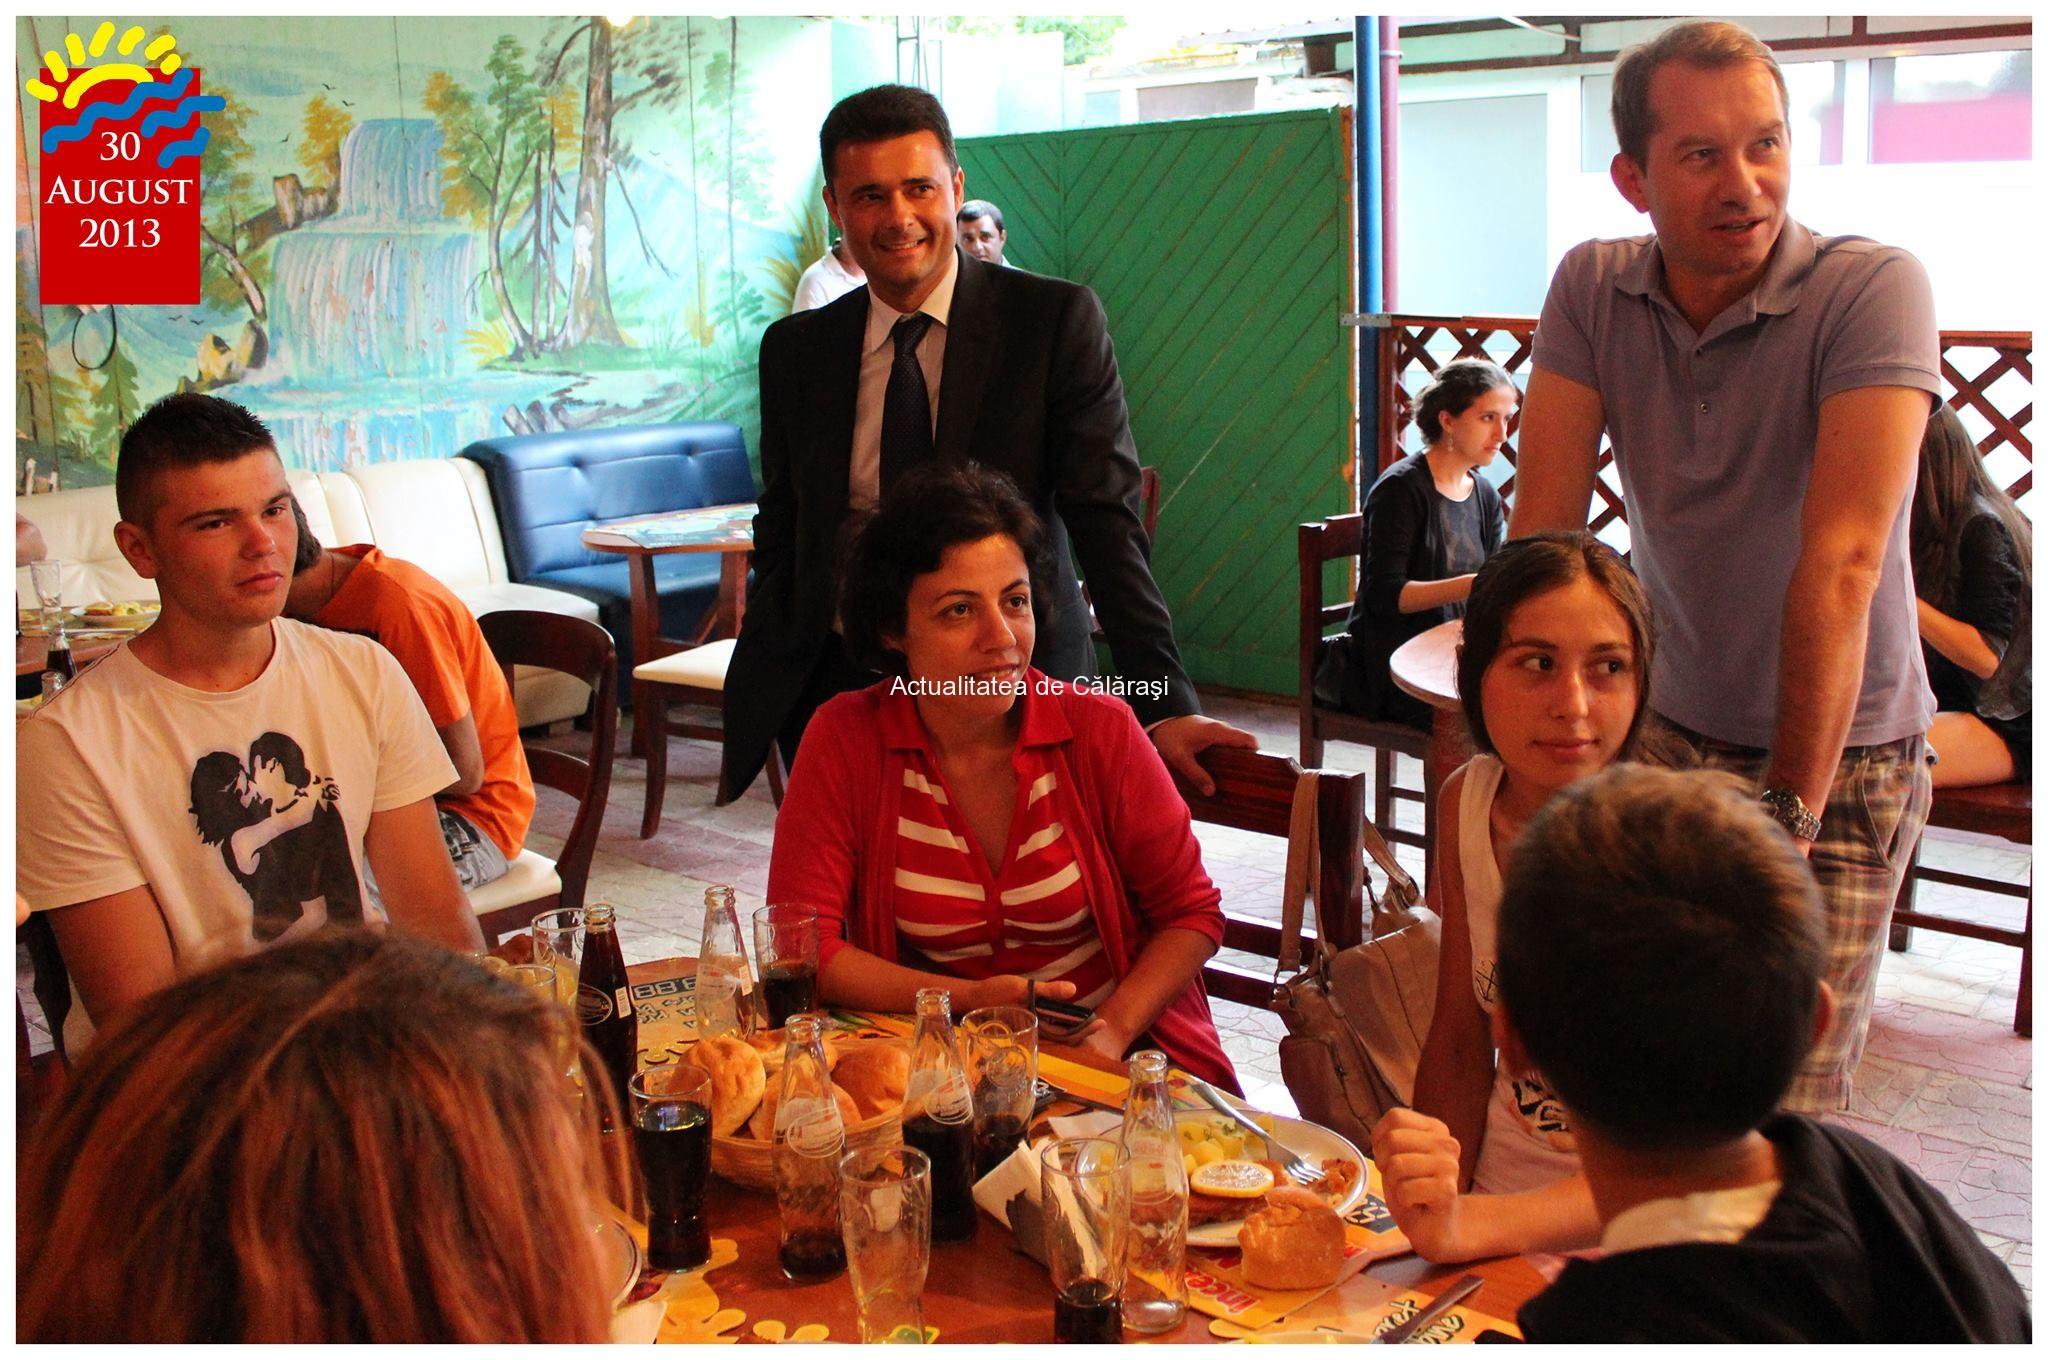 Deputatul PSD Daniel Florea a oferit primilor 30 de tineri din judeţul Călăraşi cu rezultate bune la învătătură un sejur de câteva zile pe litoral